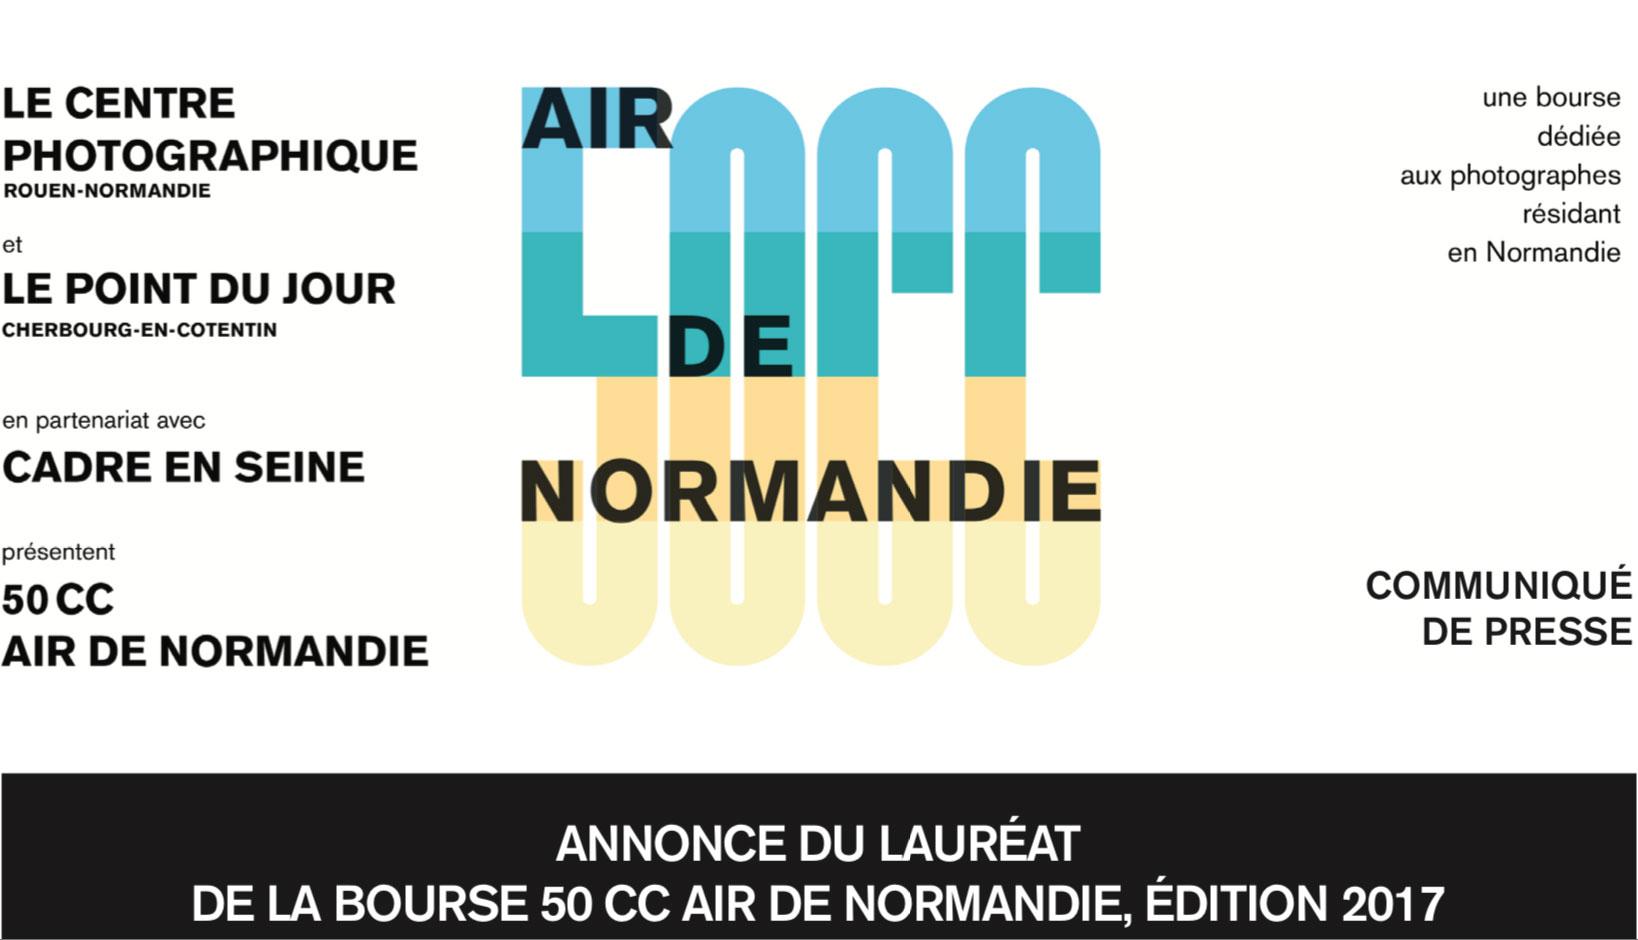 Annonce du Lauréat de la Bourse 50CC, Air de Normandie, Édition 2017